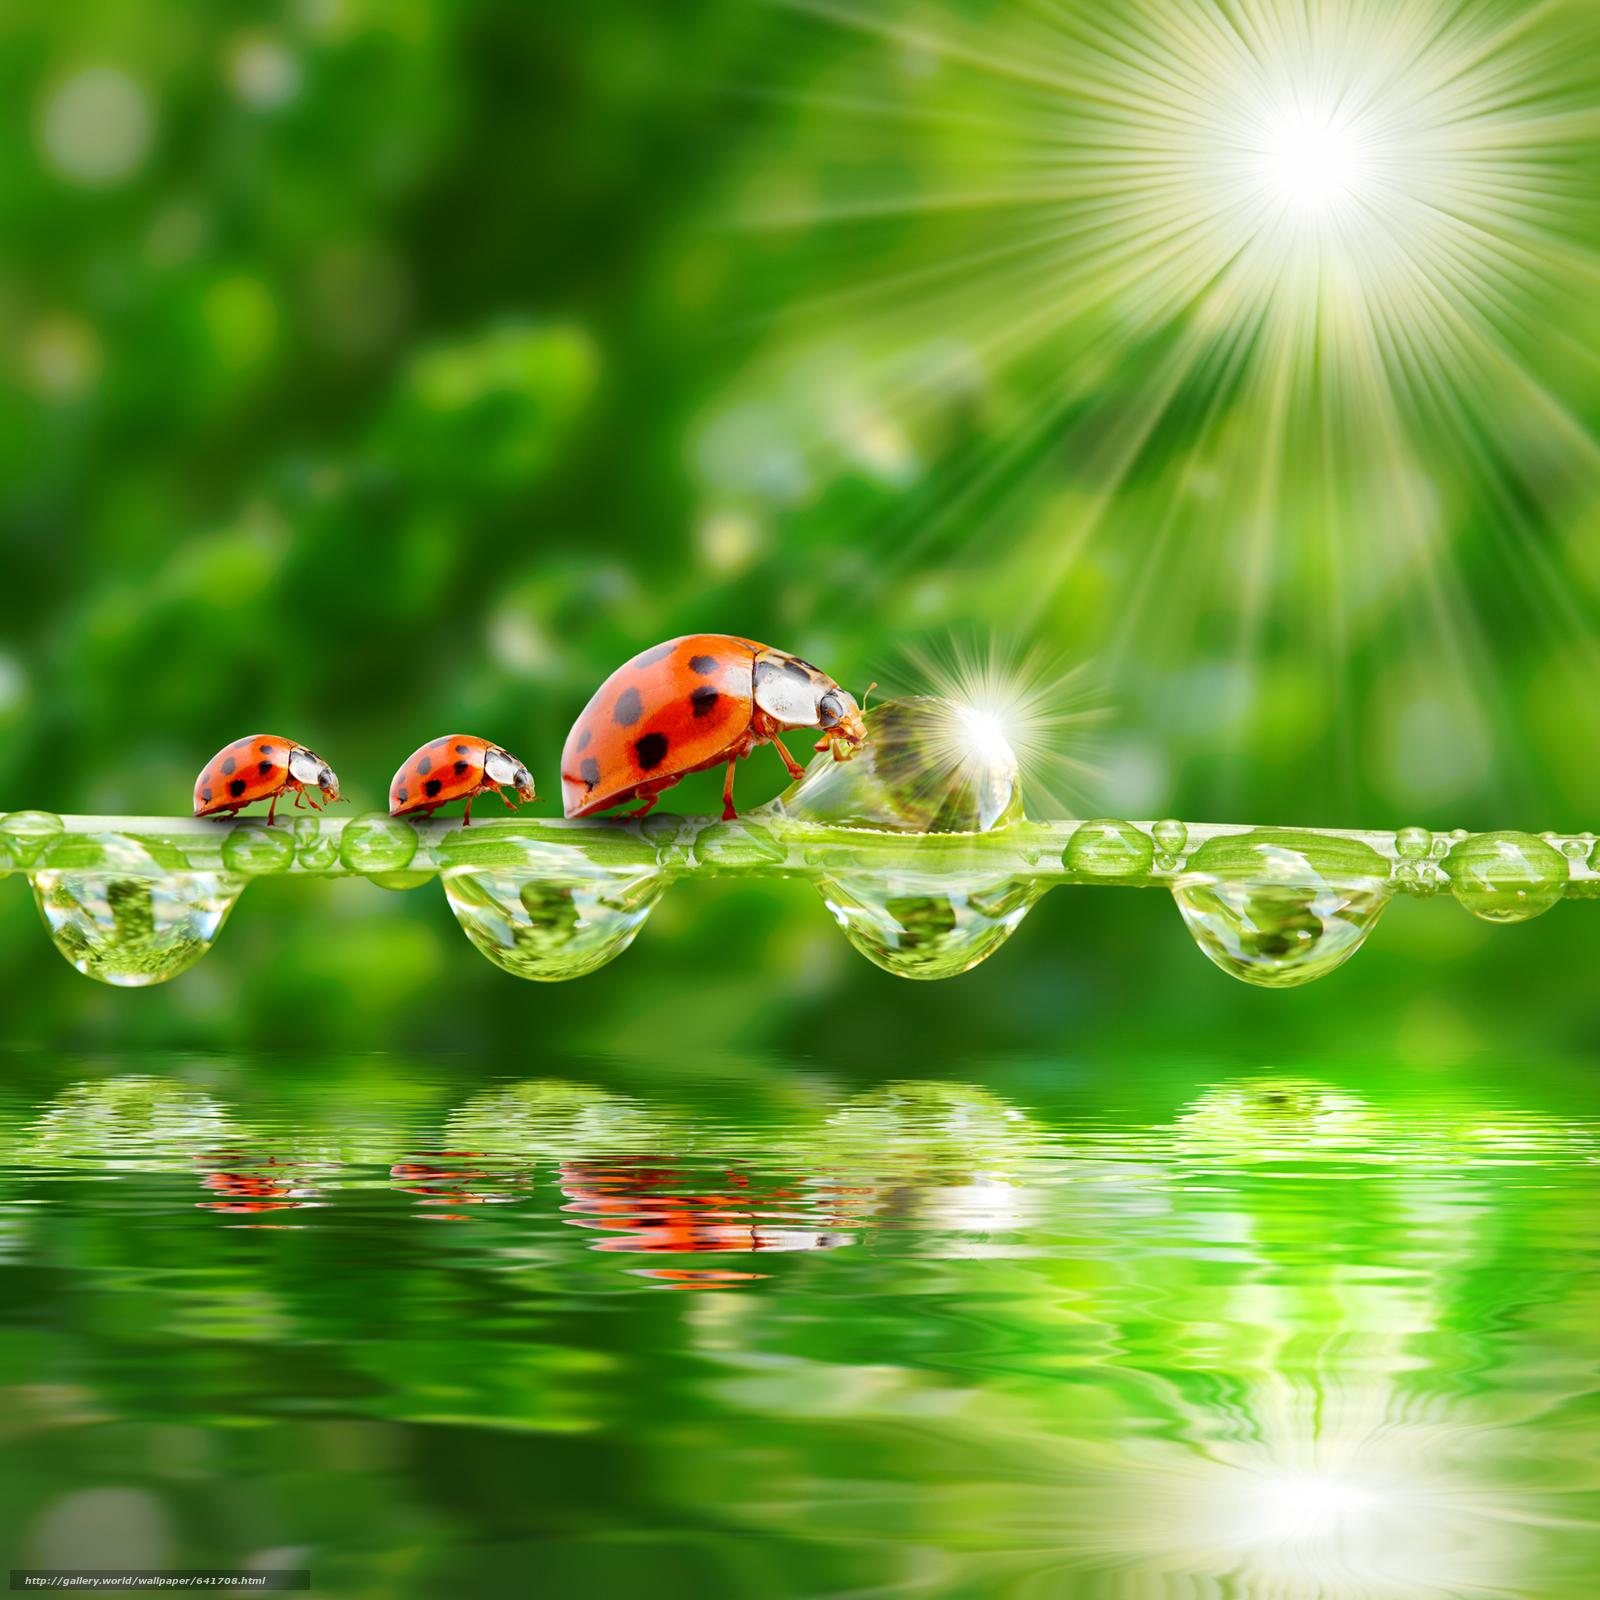 Скачать обои божьи коровки в раю,  свет,  солнце,  свежий воздух бесплатно для рабочего стола в разрешении 2060x2060 — картинка №641708